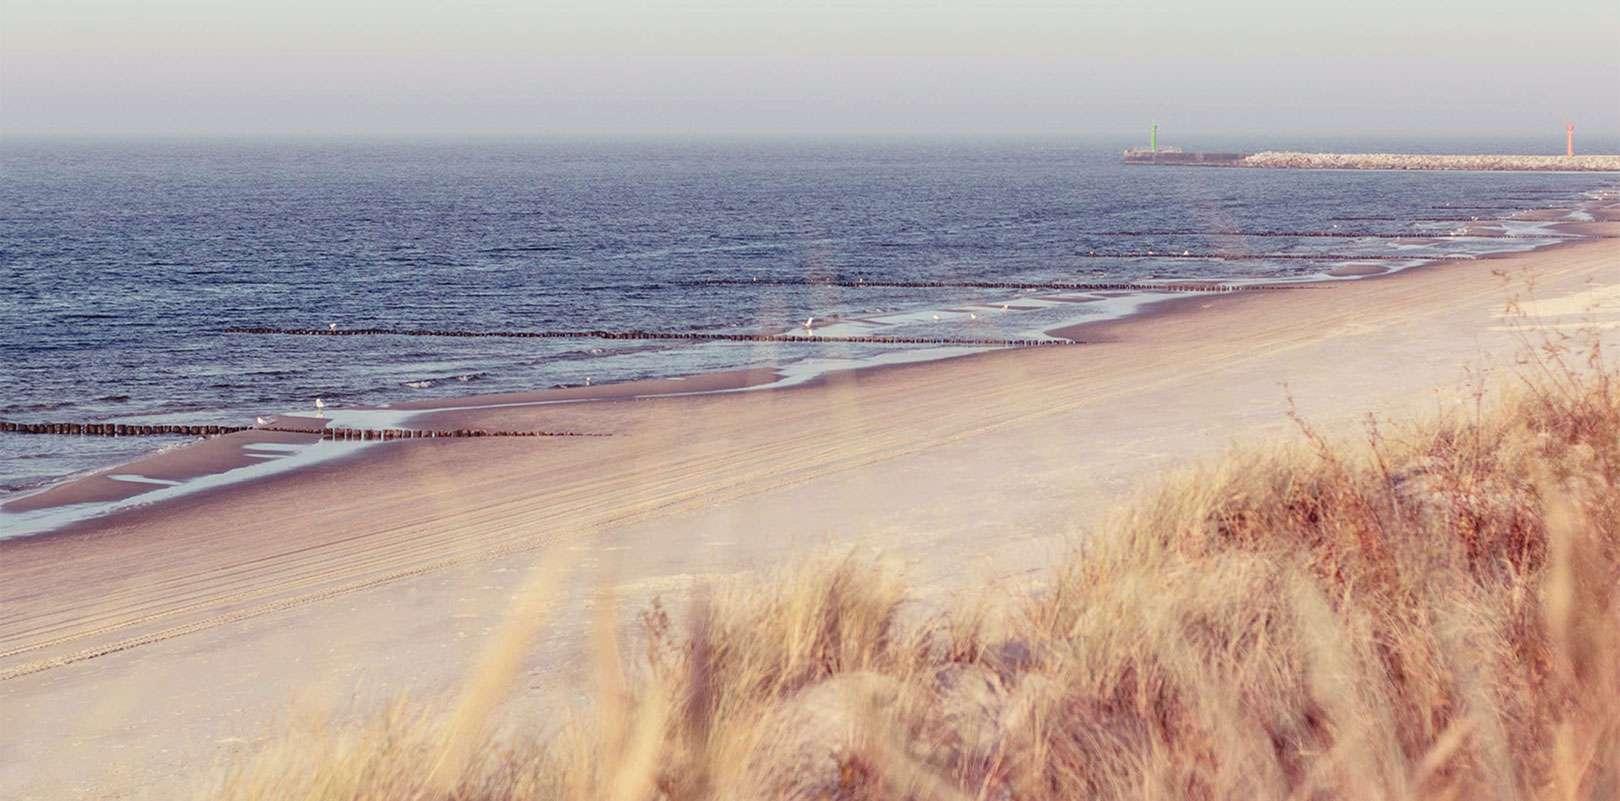 Strand02 - Sommerliebe: Eine romantische Kurzgeschichte